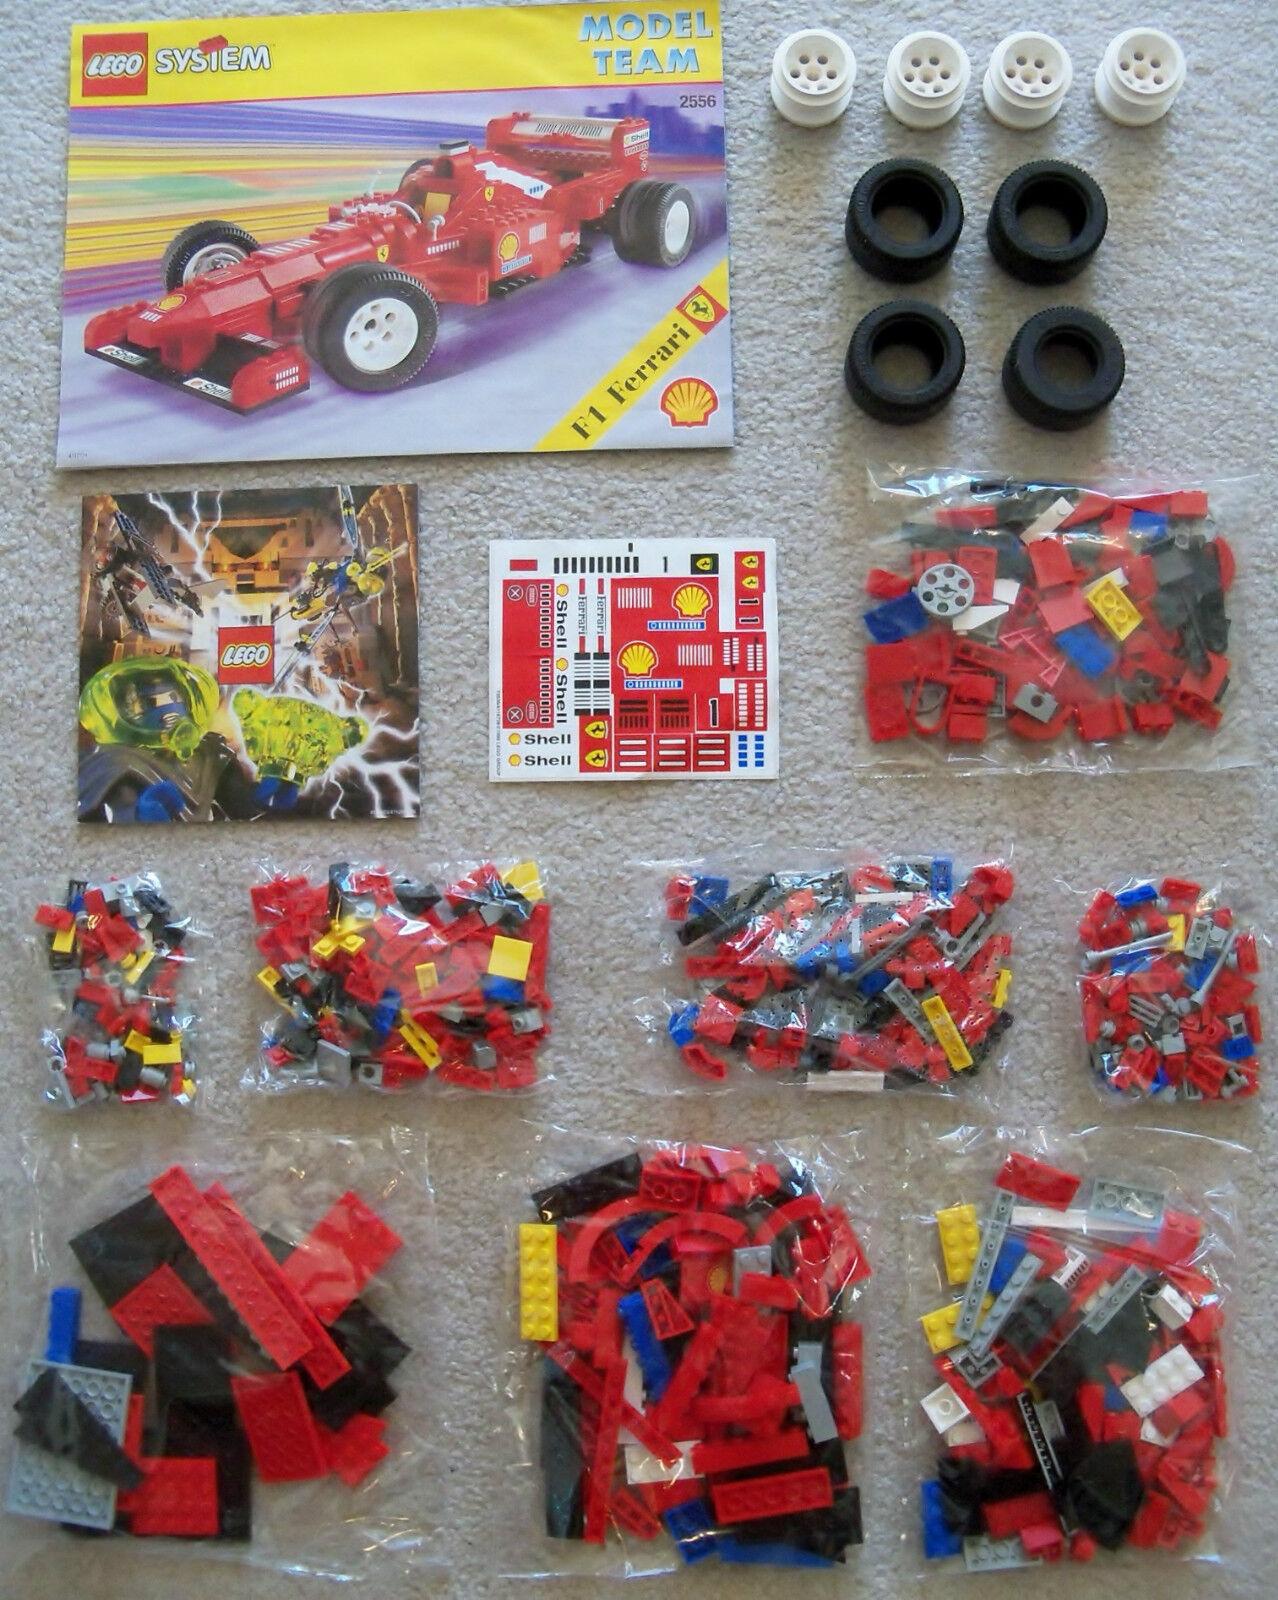 Lego System Racing - Selten Modell Team F1 Ferrari 2556 - Neu (ohne Schachtel)